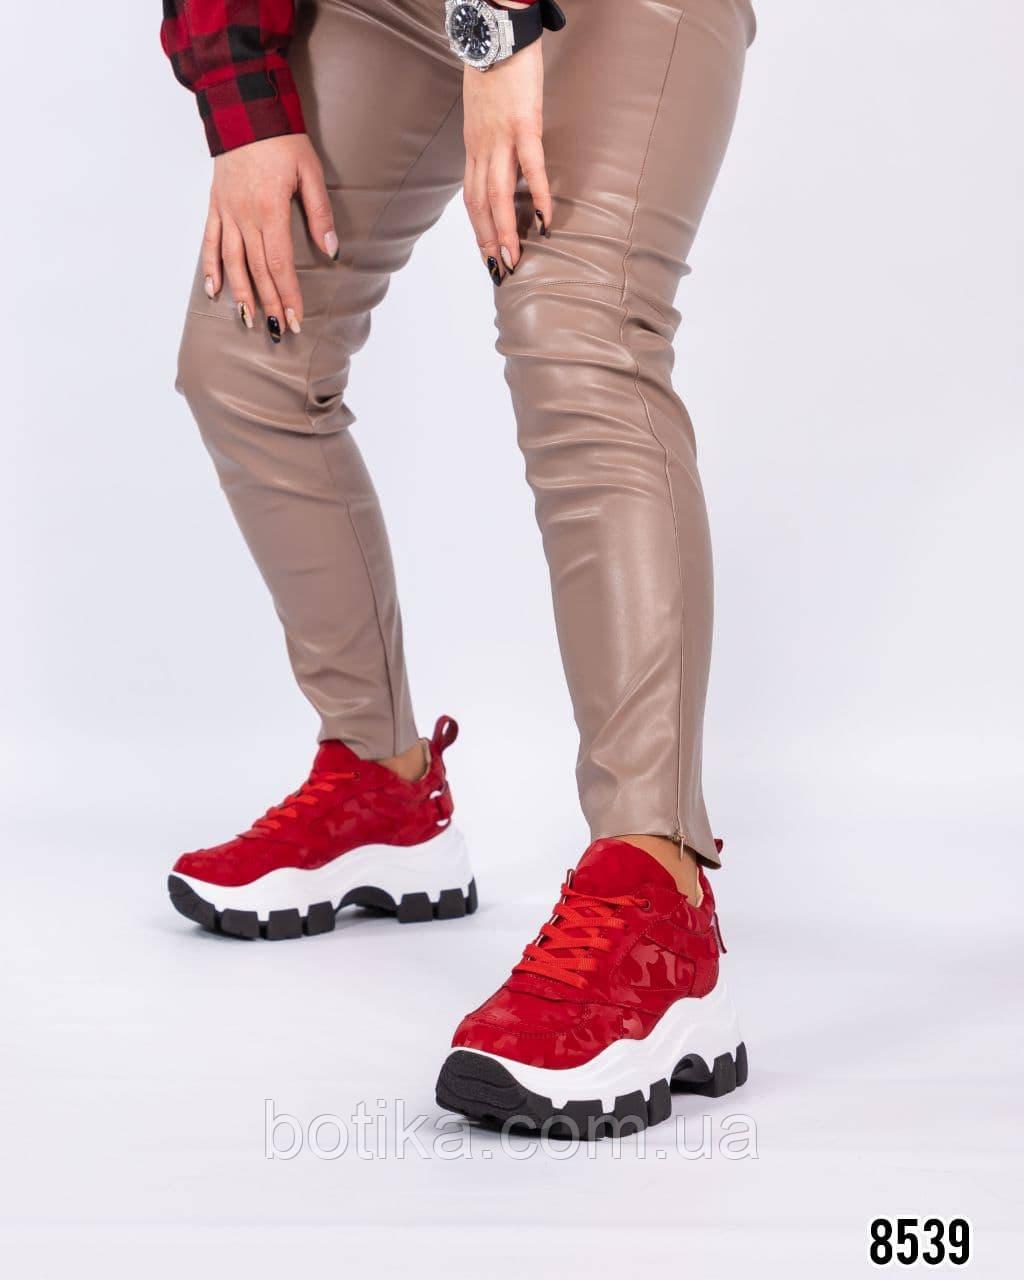 Кросівки жіночі на високій підошві